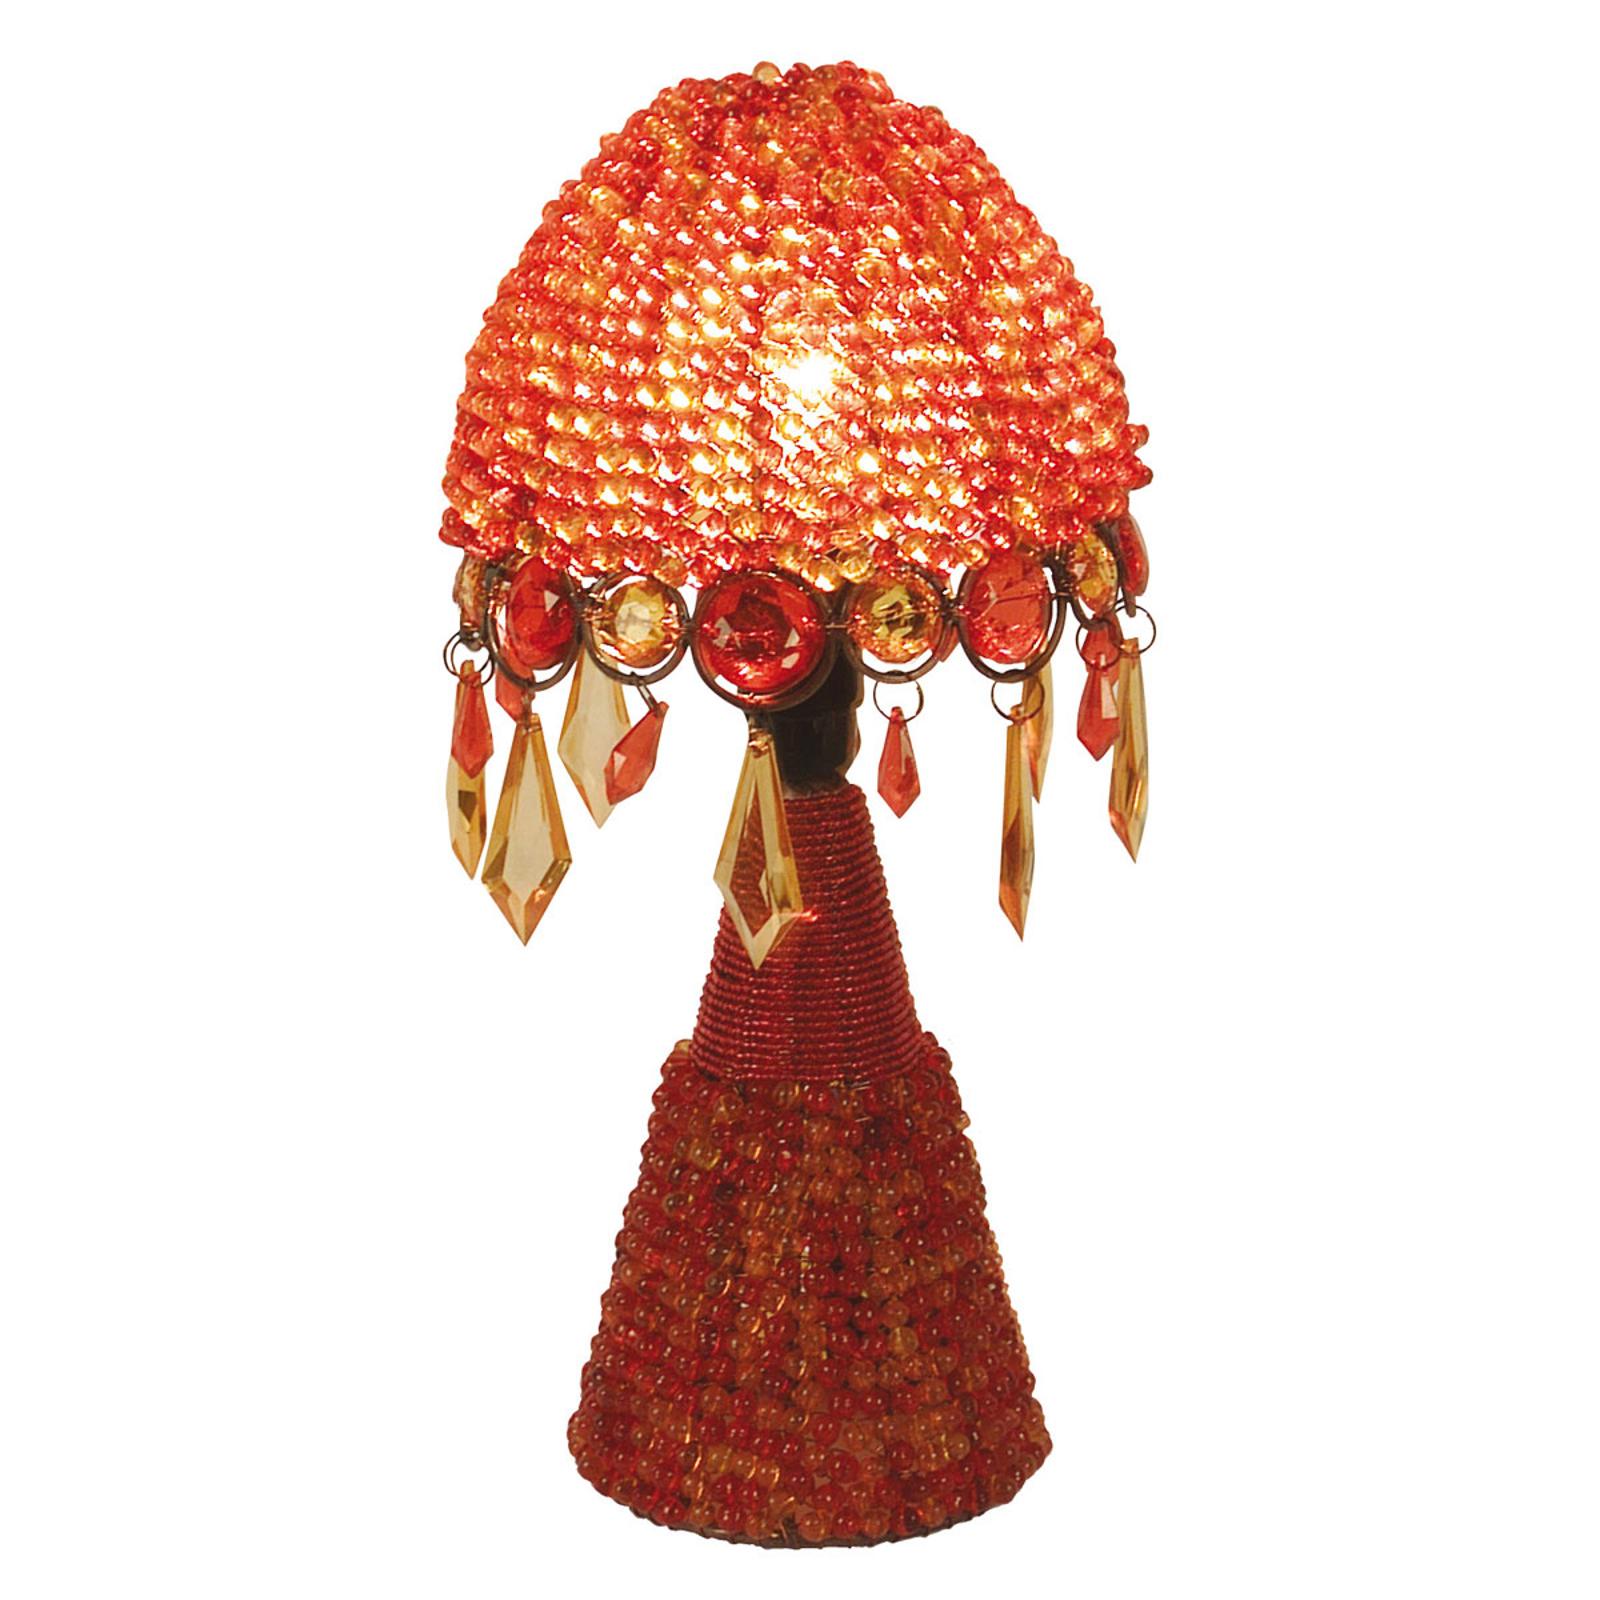 Perla-pöytävalaisin 30 cm, oranssi